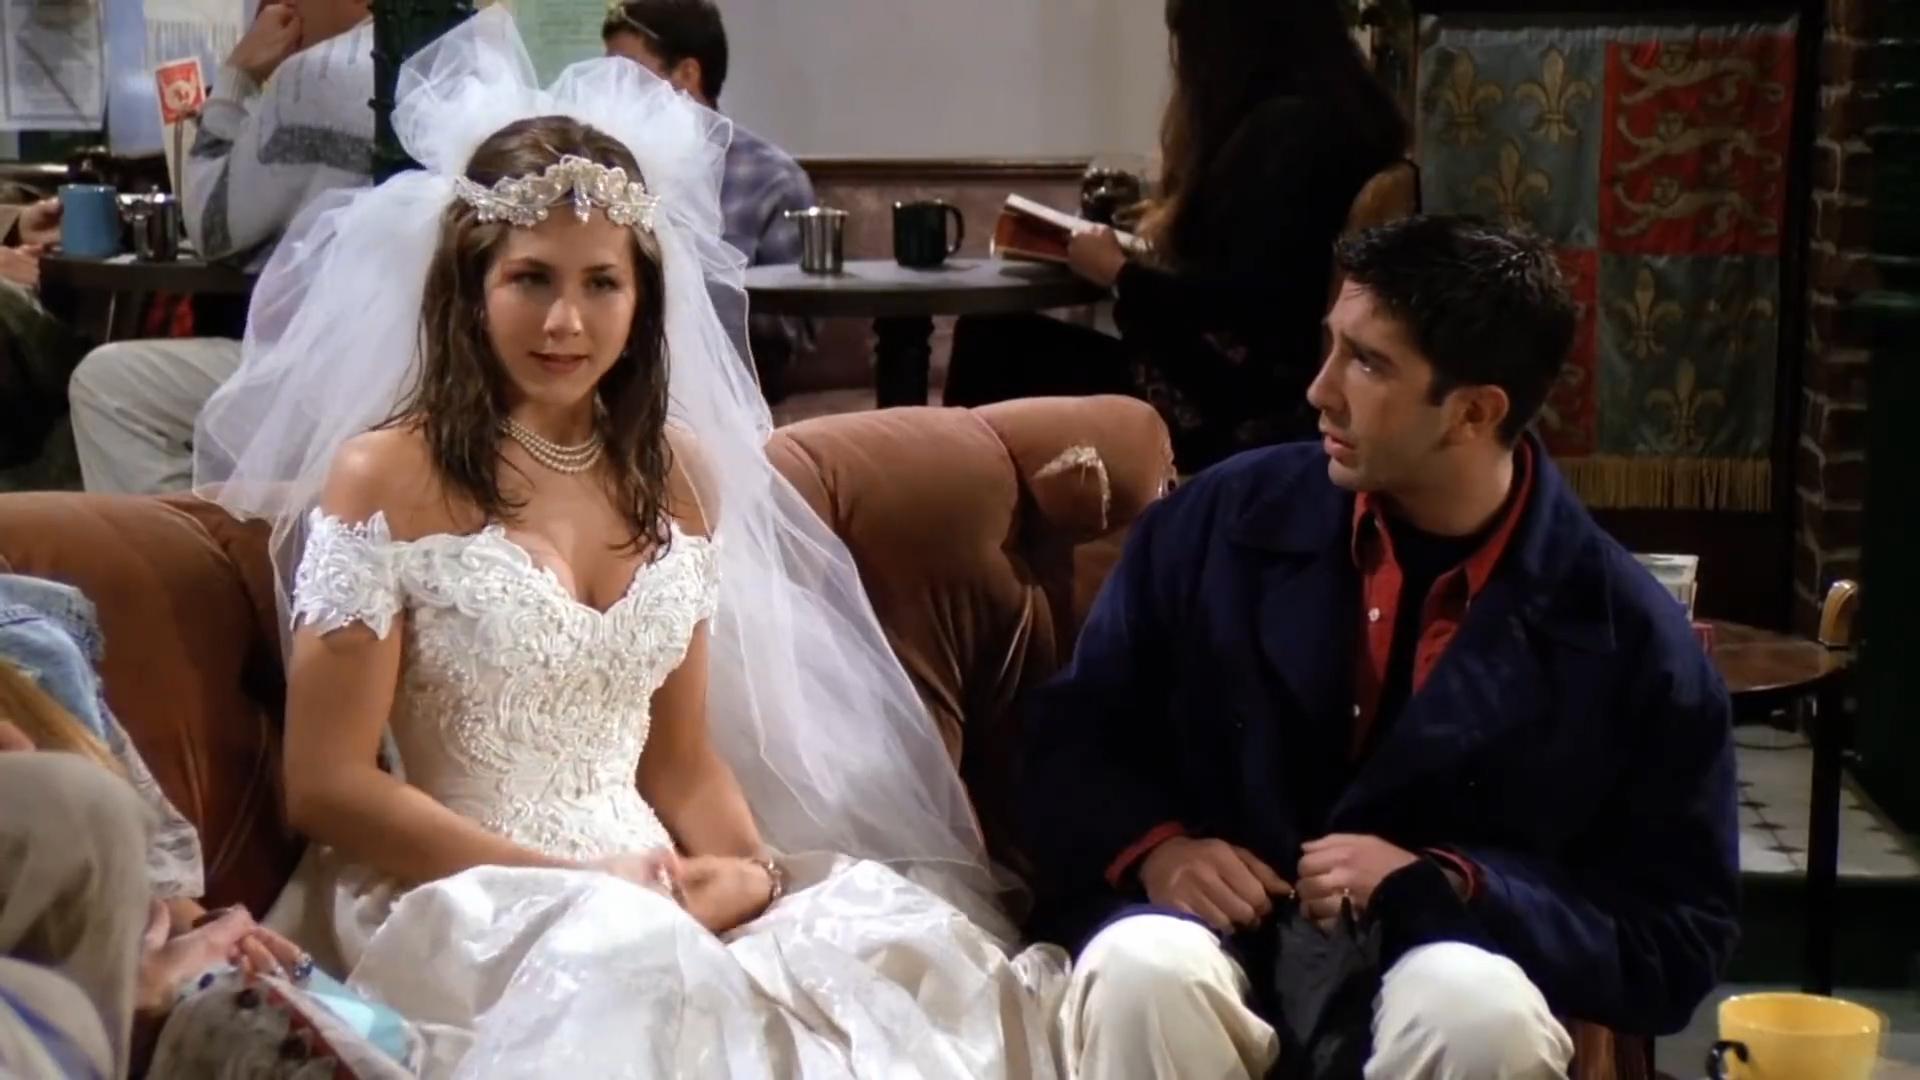 [1] Friends - Rachel runs away from the wedding